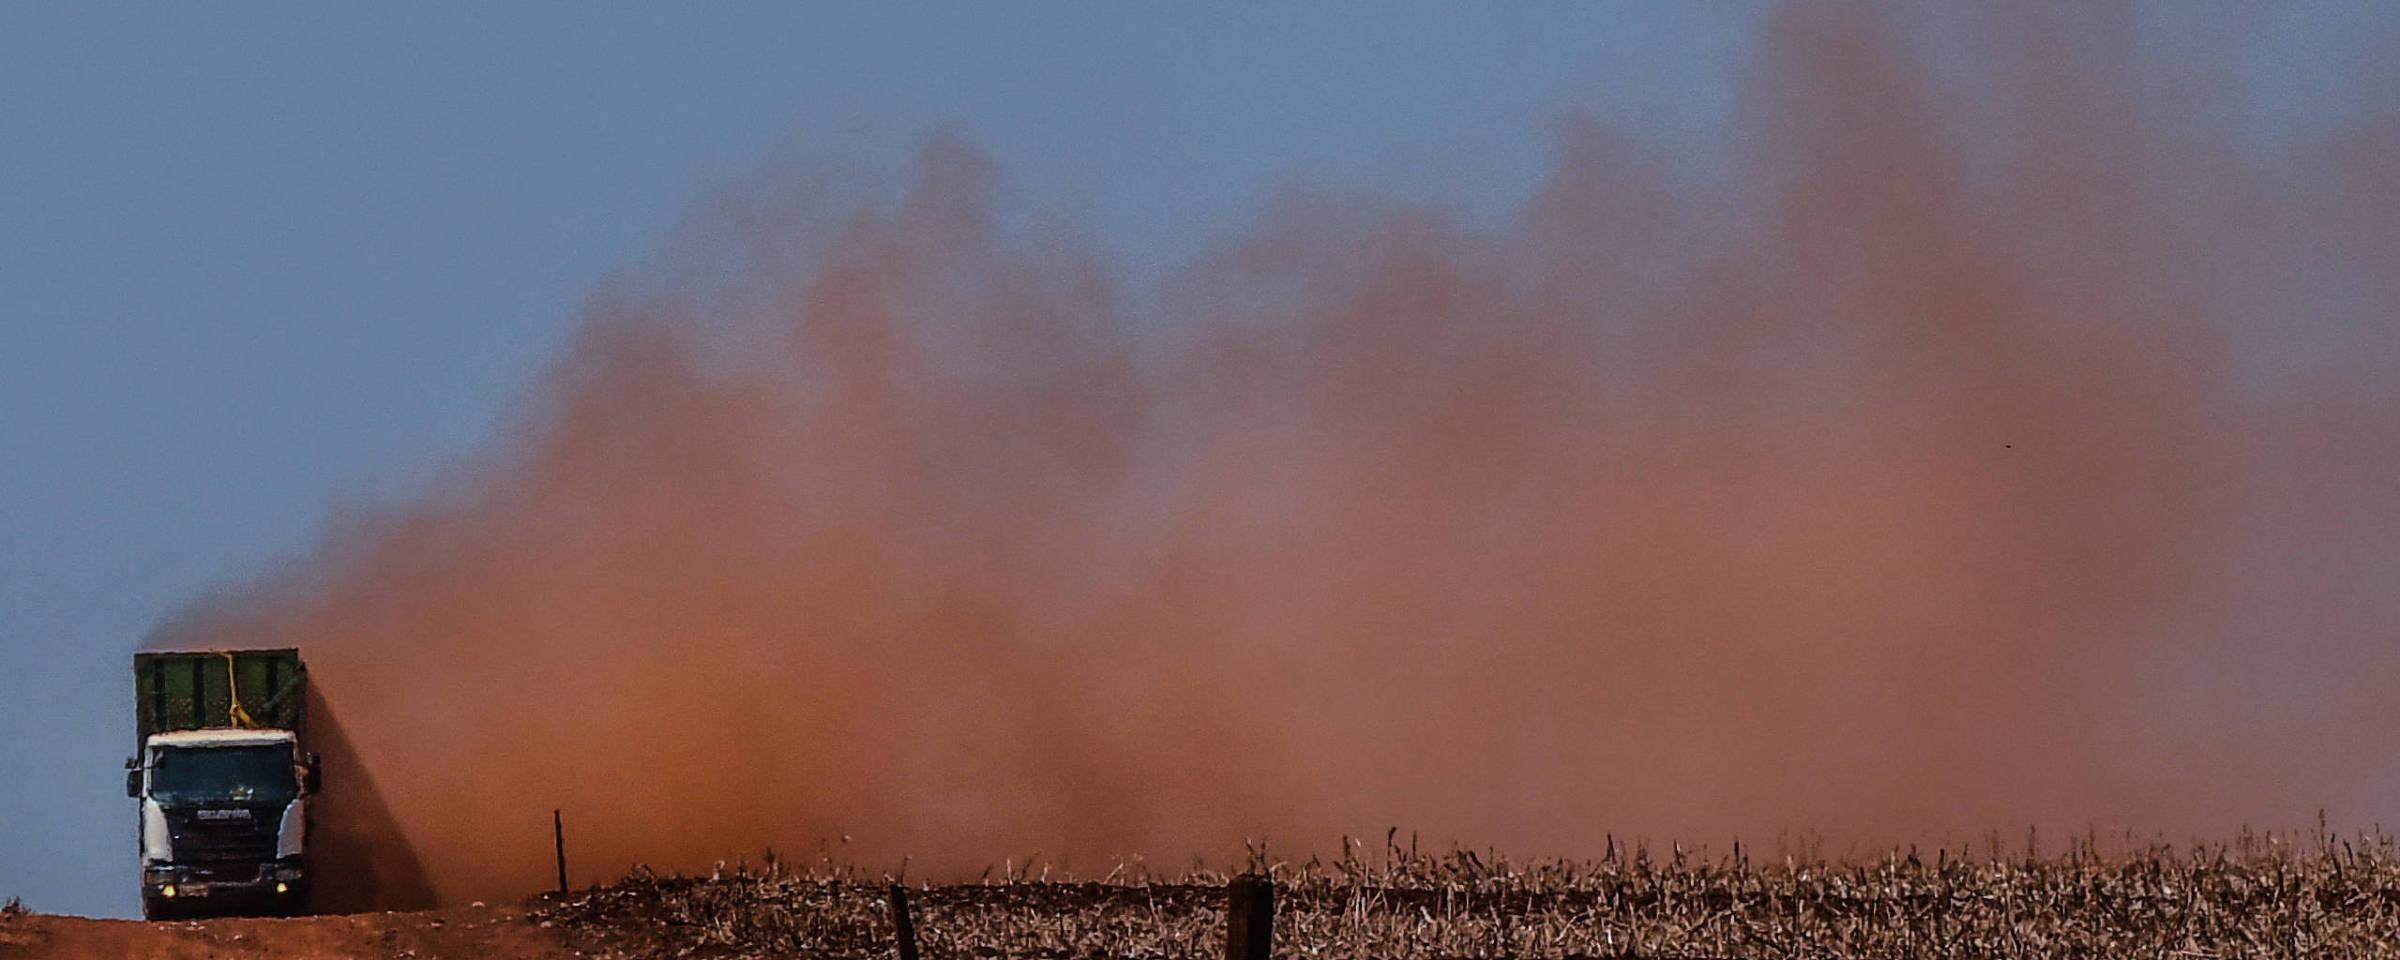 Caminhão em estrada de terra levanta poeira vermelha pelos campos